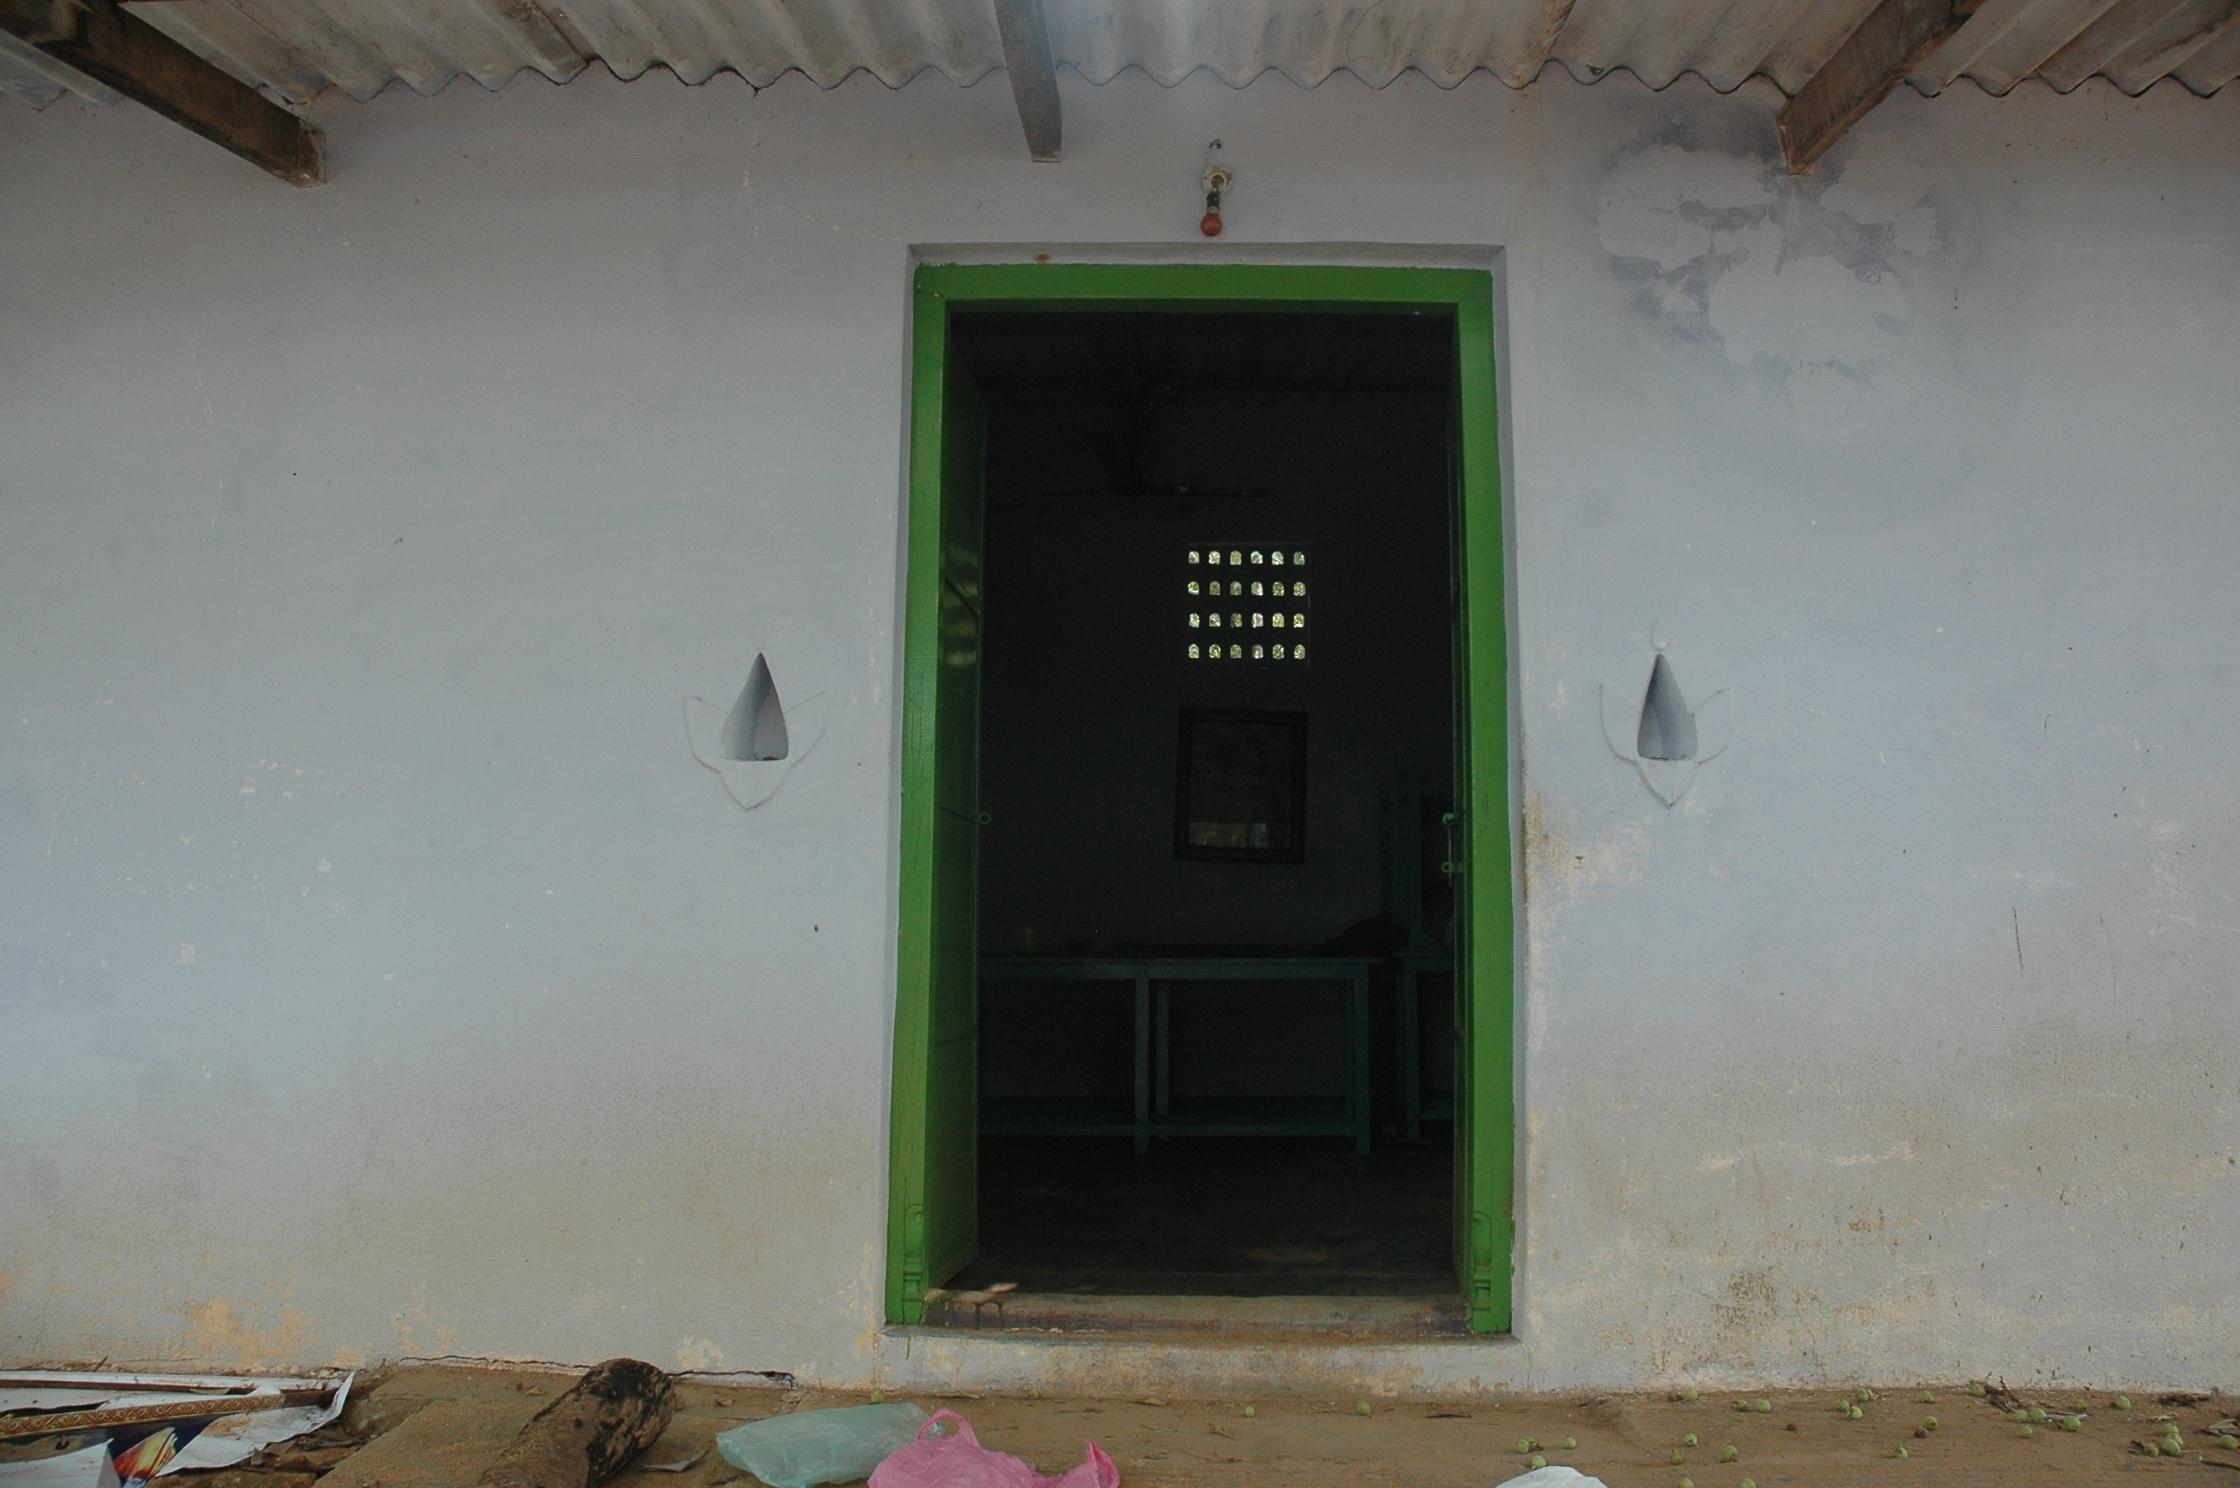 ஜீவசமாதி